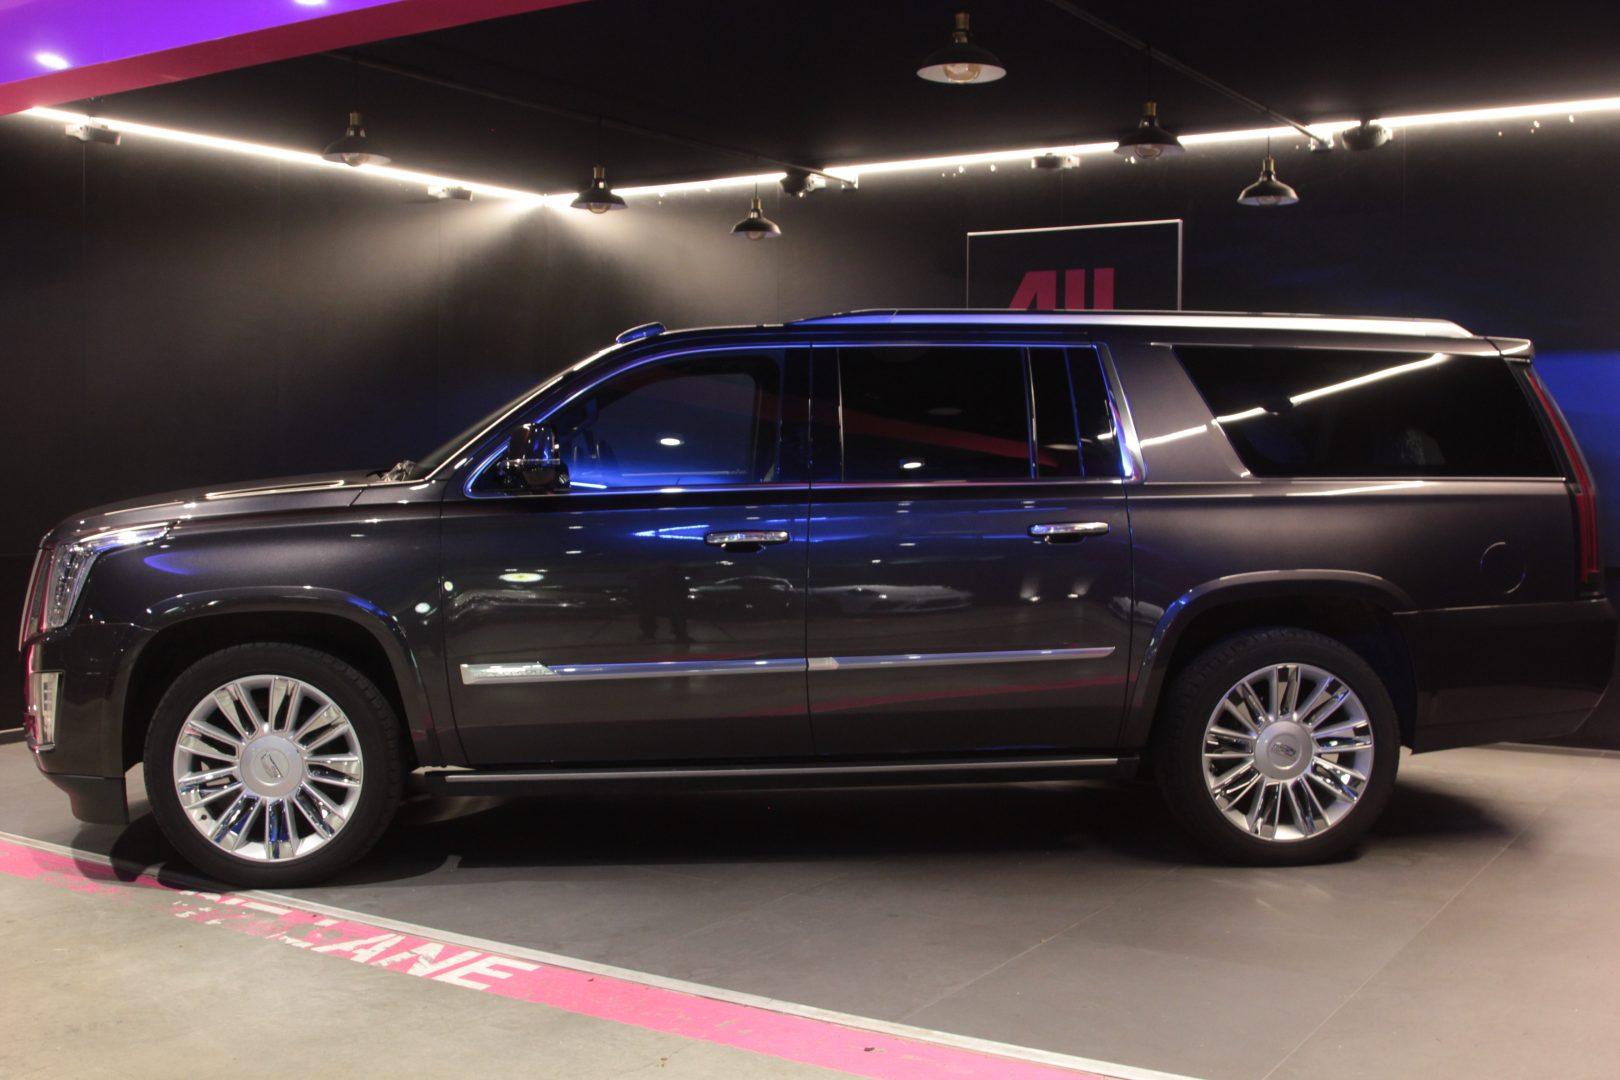 AIL Cadillac Escalade ESV Platinum 6.2 V8 AWD 14